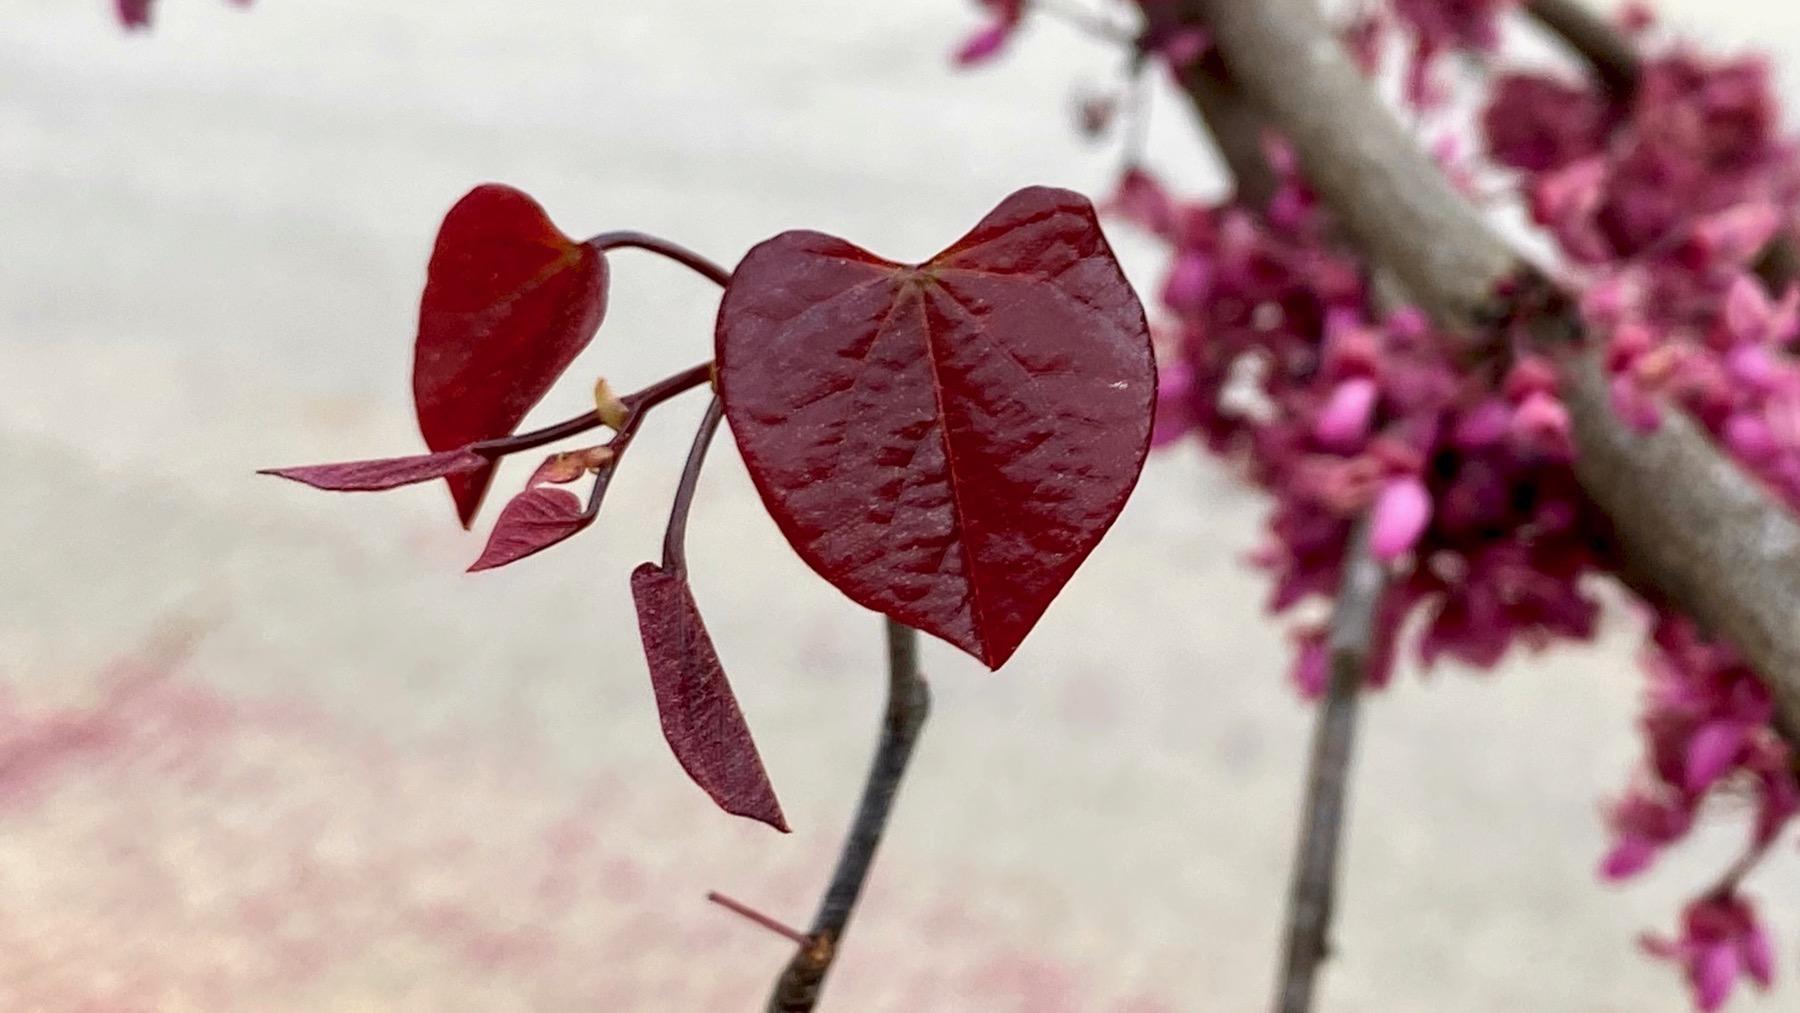 Leafing redbud